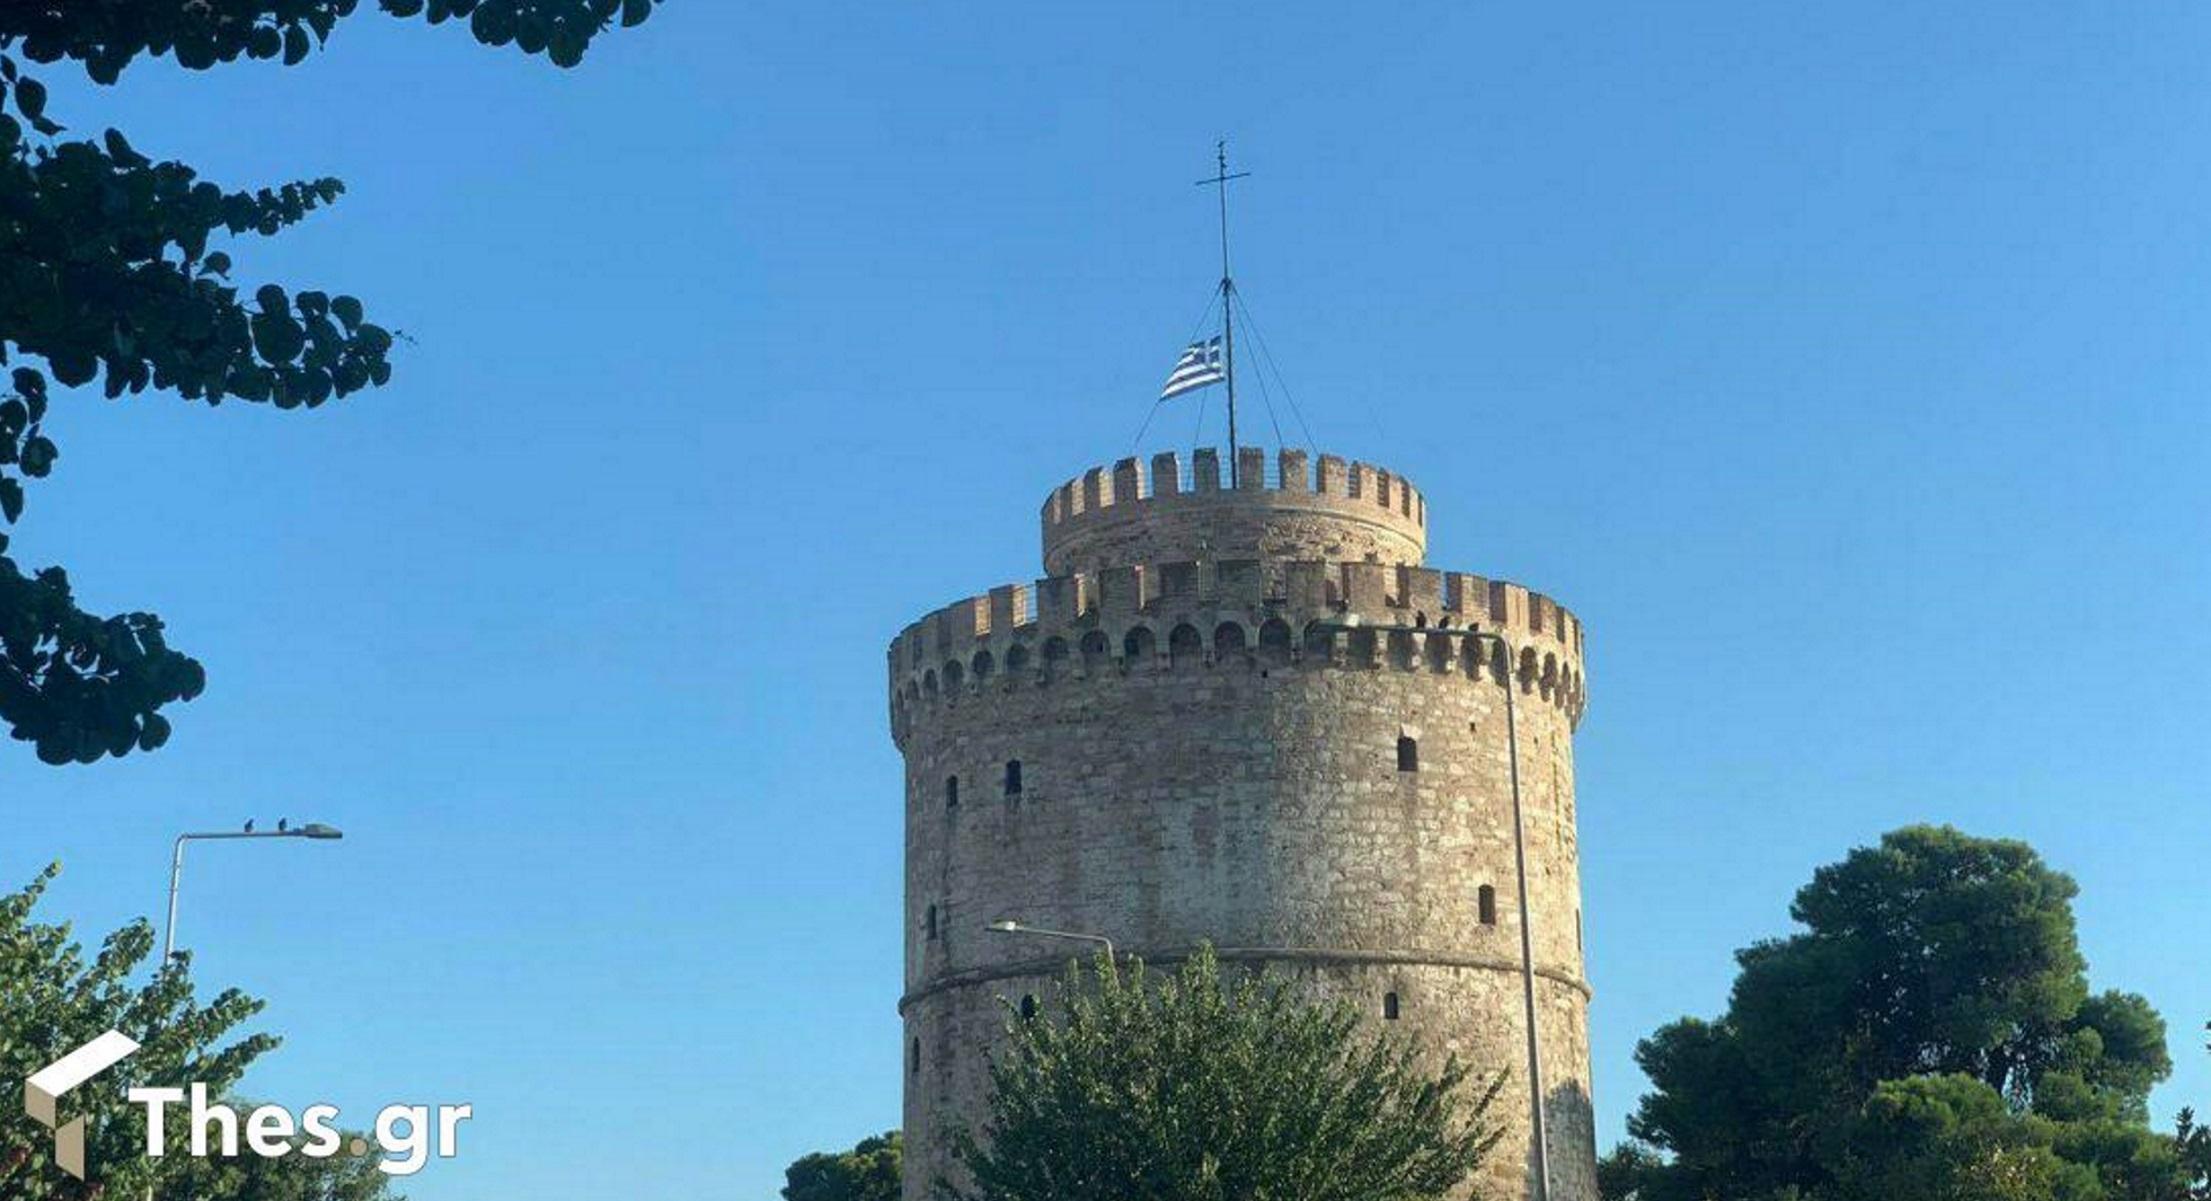 Μίκης Θεοδωράκης: Μεσίστια κυματίζει η γαλανόλευκη στον Λευκό Πύργο σε ένδειξη πένθους